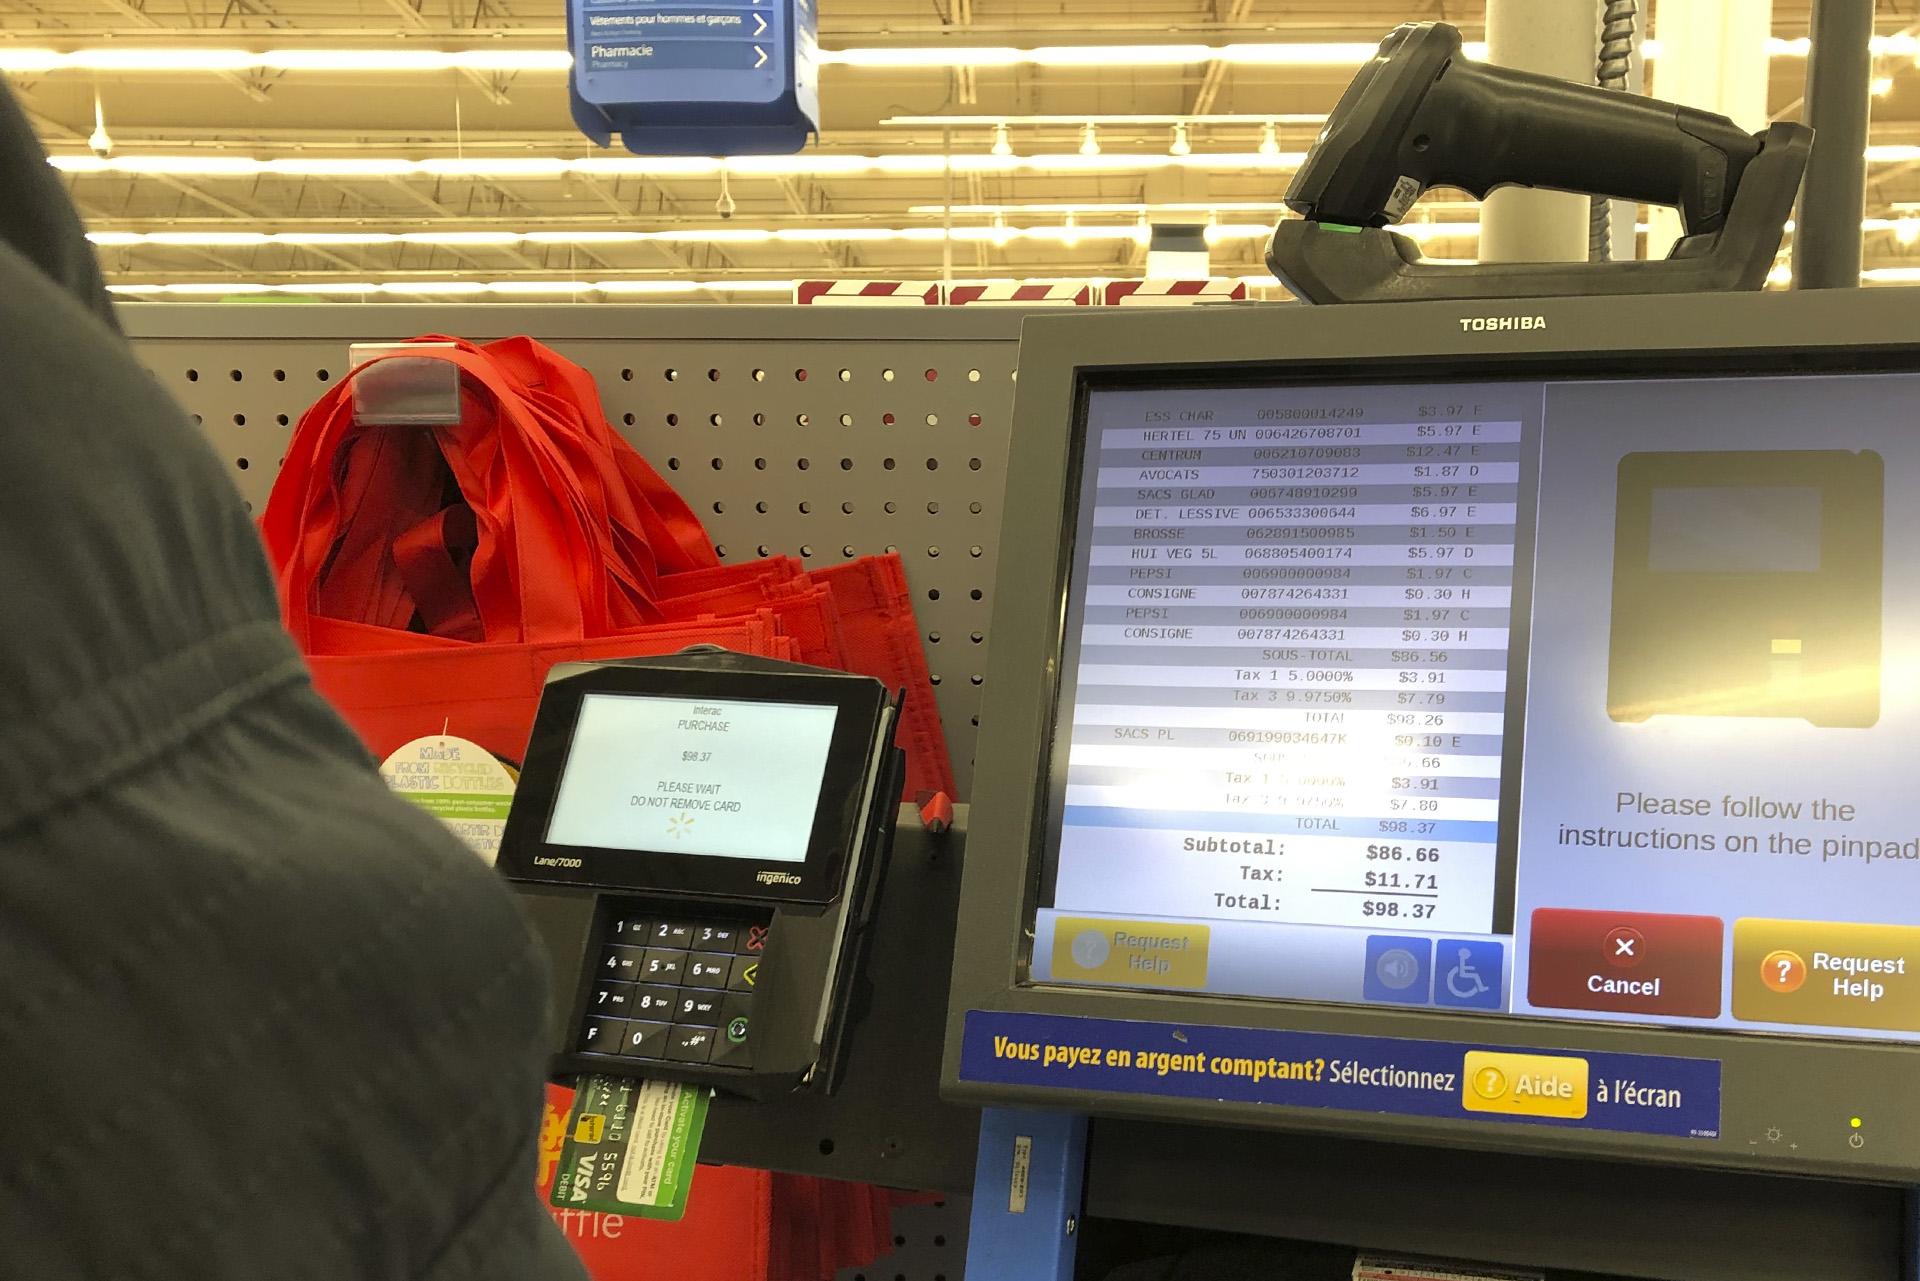 A checkout machine at a store.